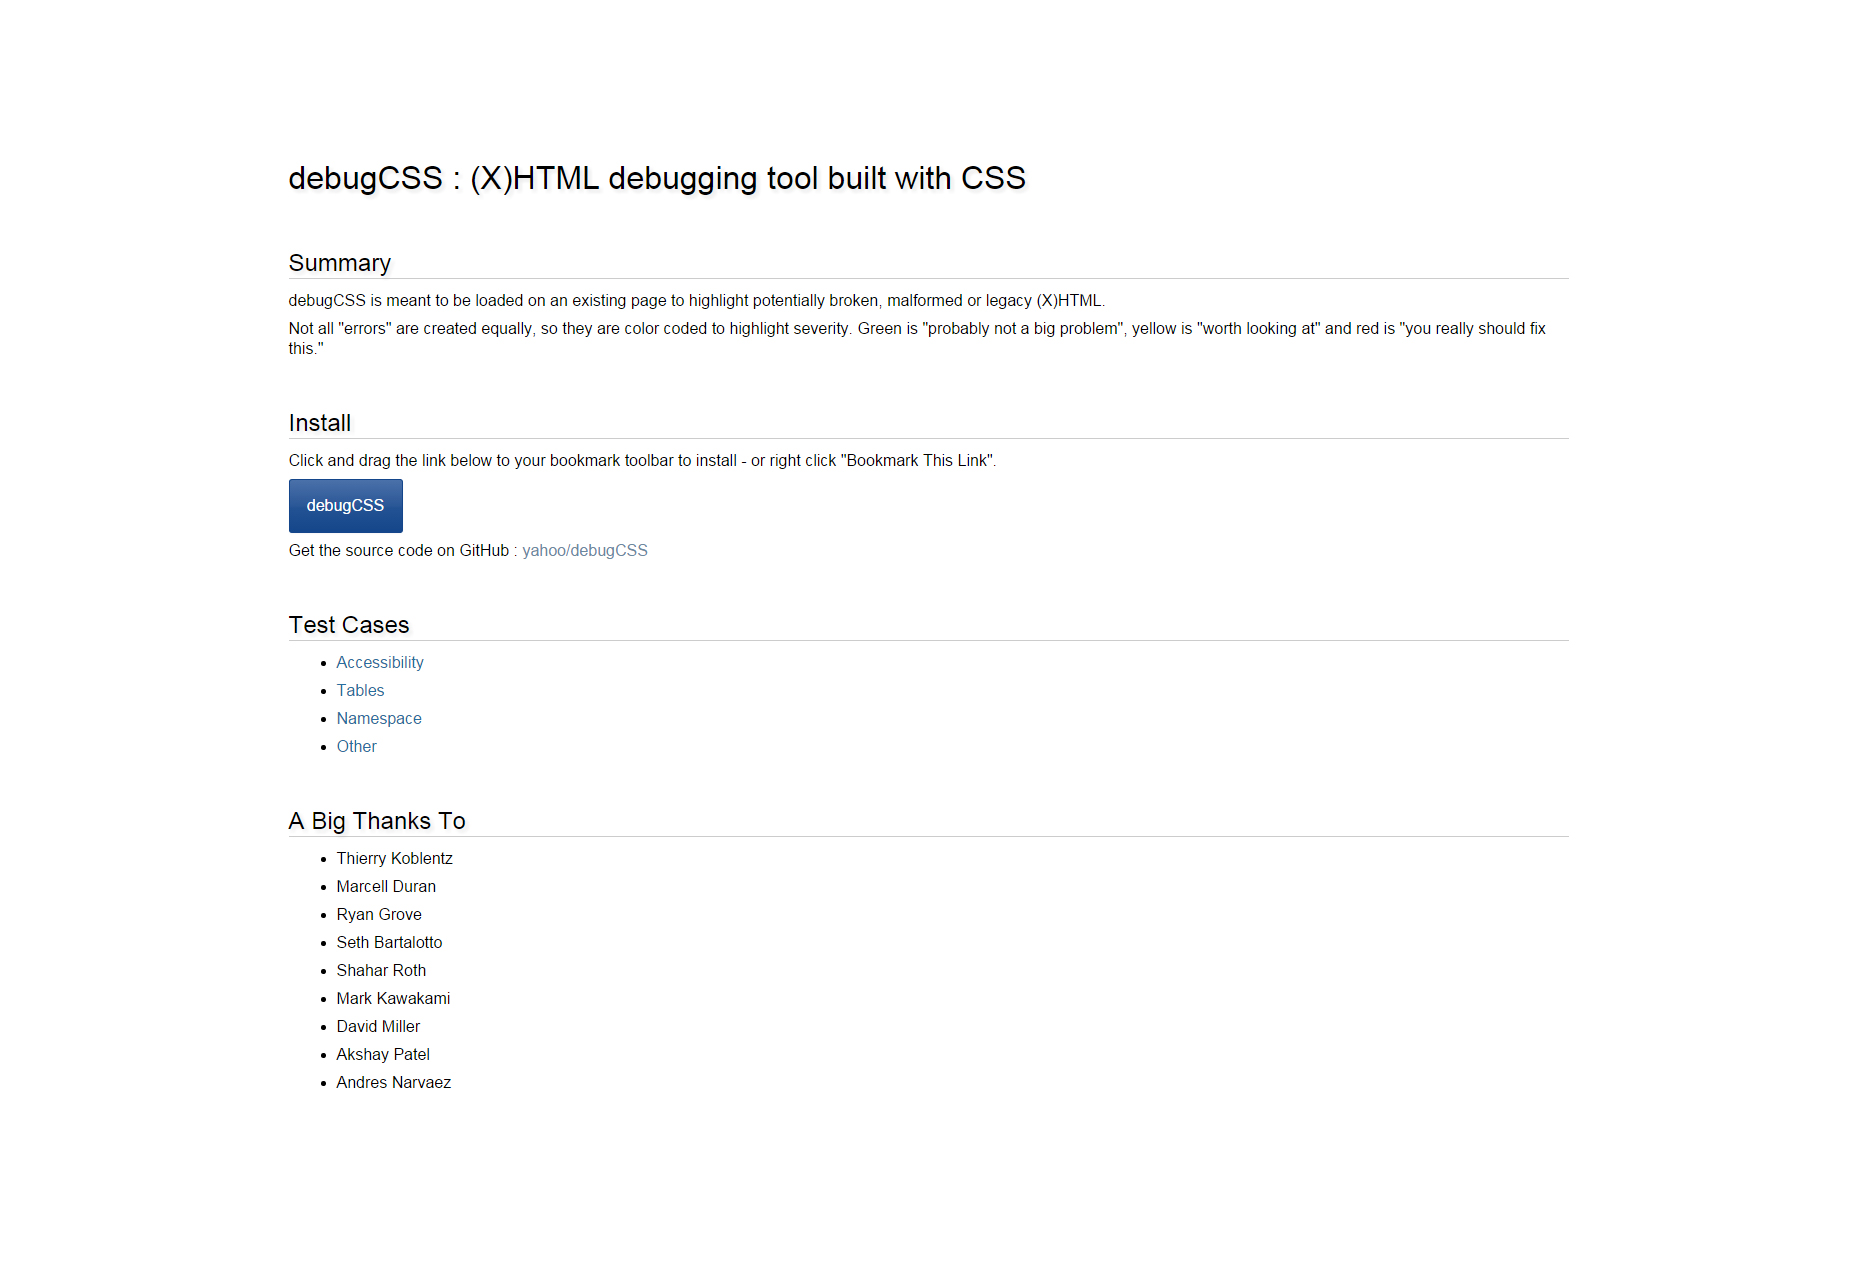 DebugCSS: herramienta de depuración HTML CSS construida